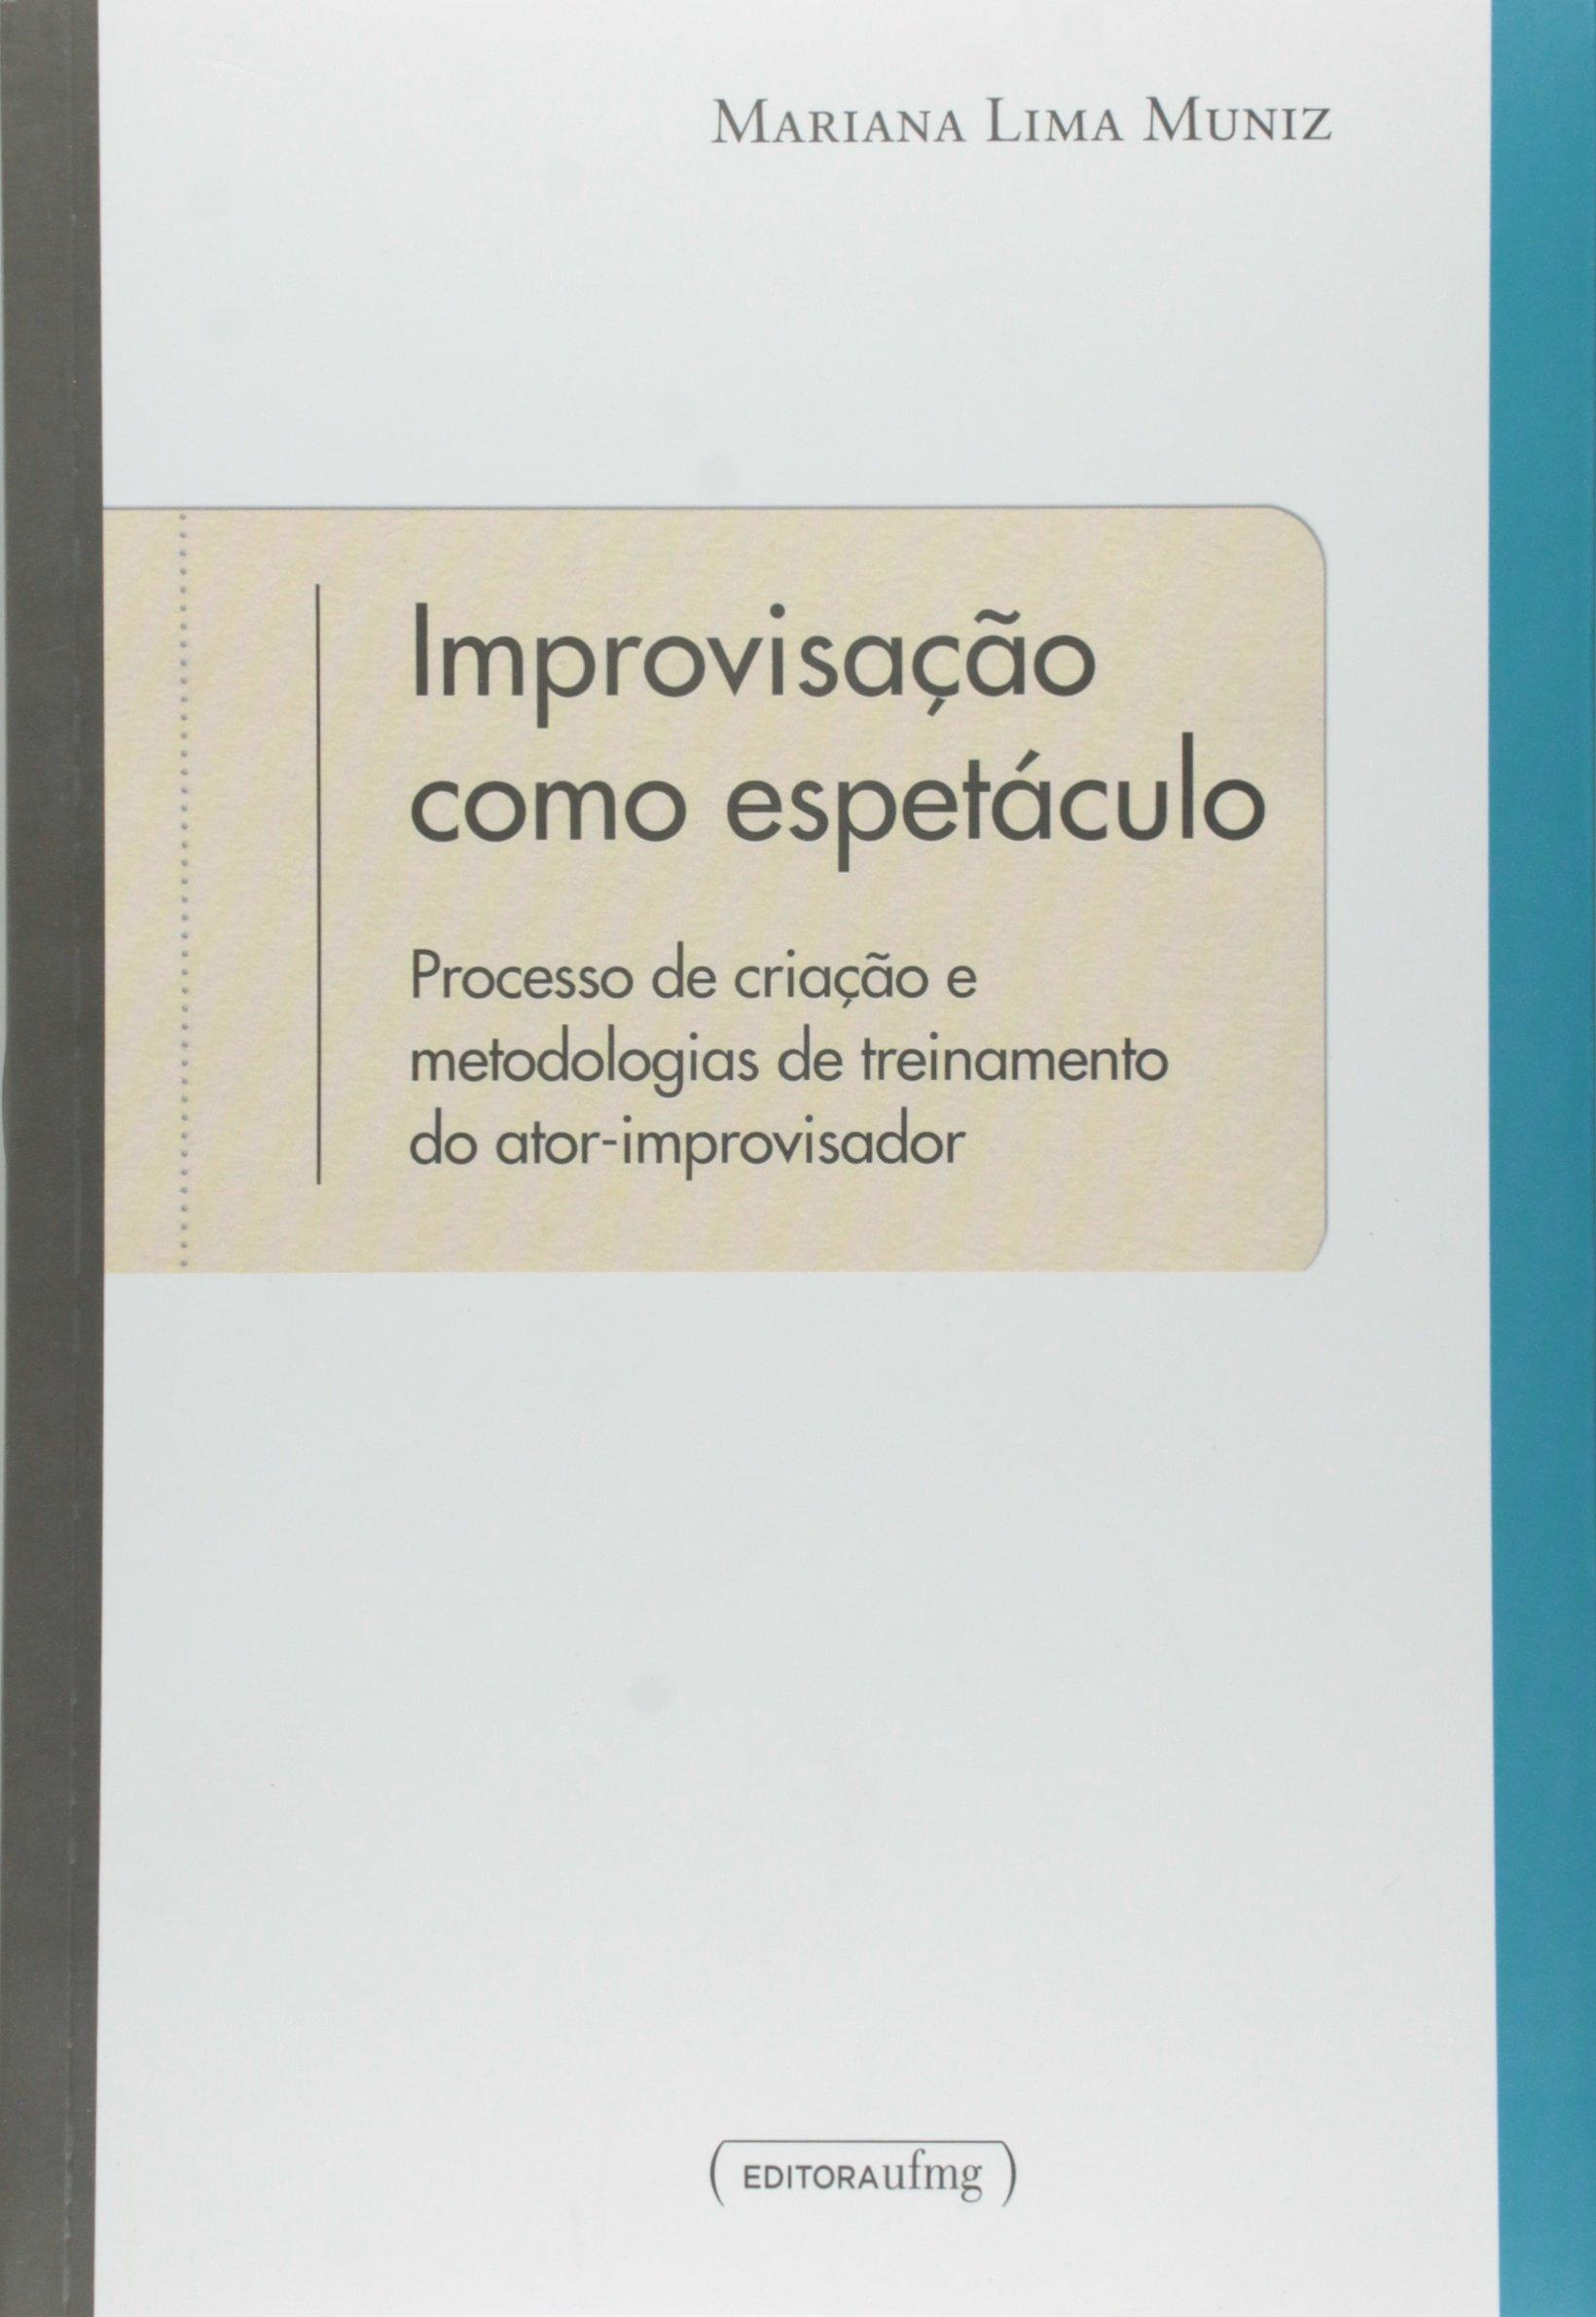 Improvisação como espetáculo (Mariana Lima Muniz)